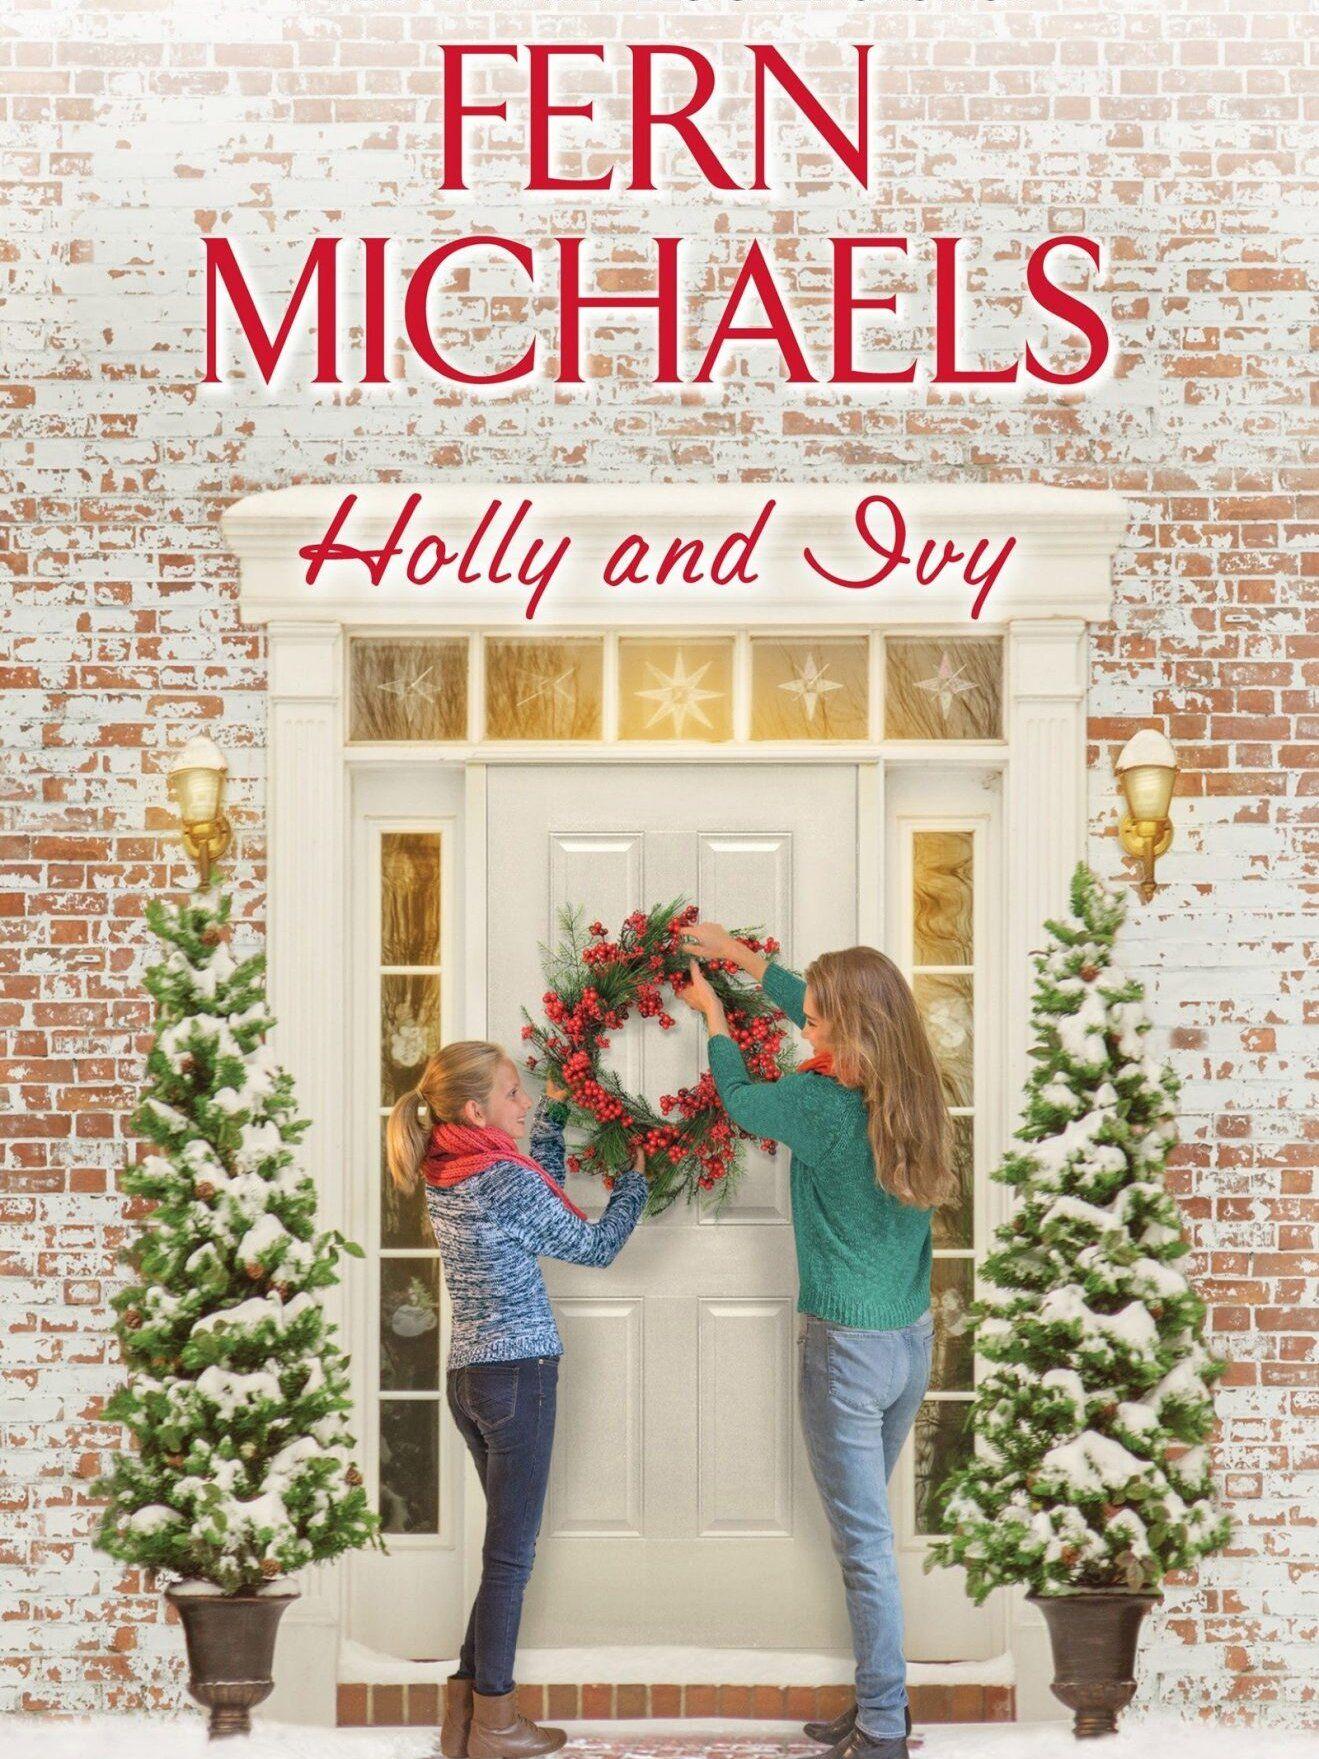 Christmas Novels 2020 30 Christmas Novels to Start Reading Now in 2020 | Fern michaels